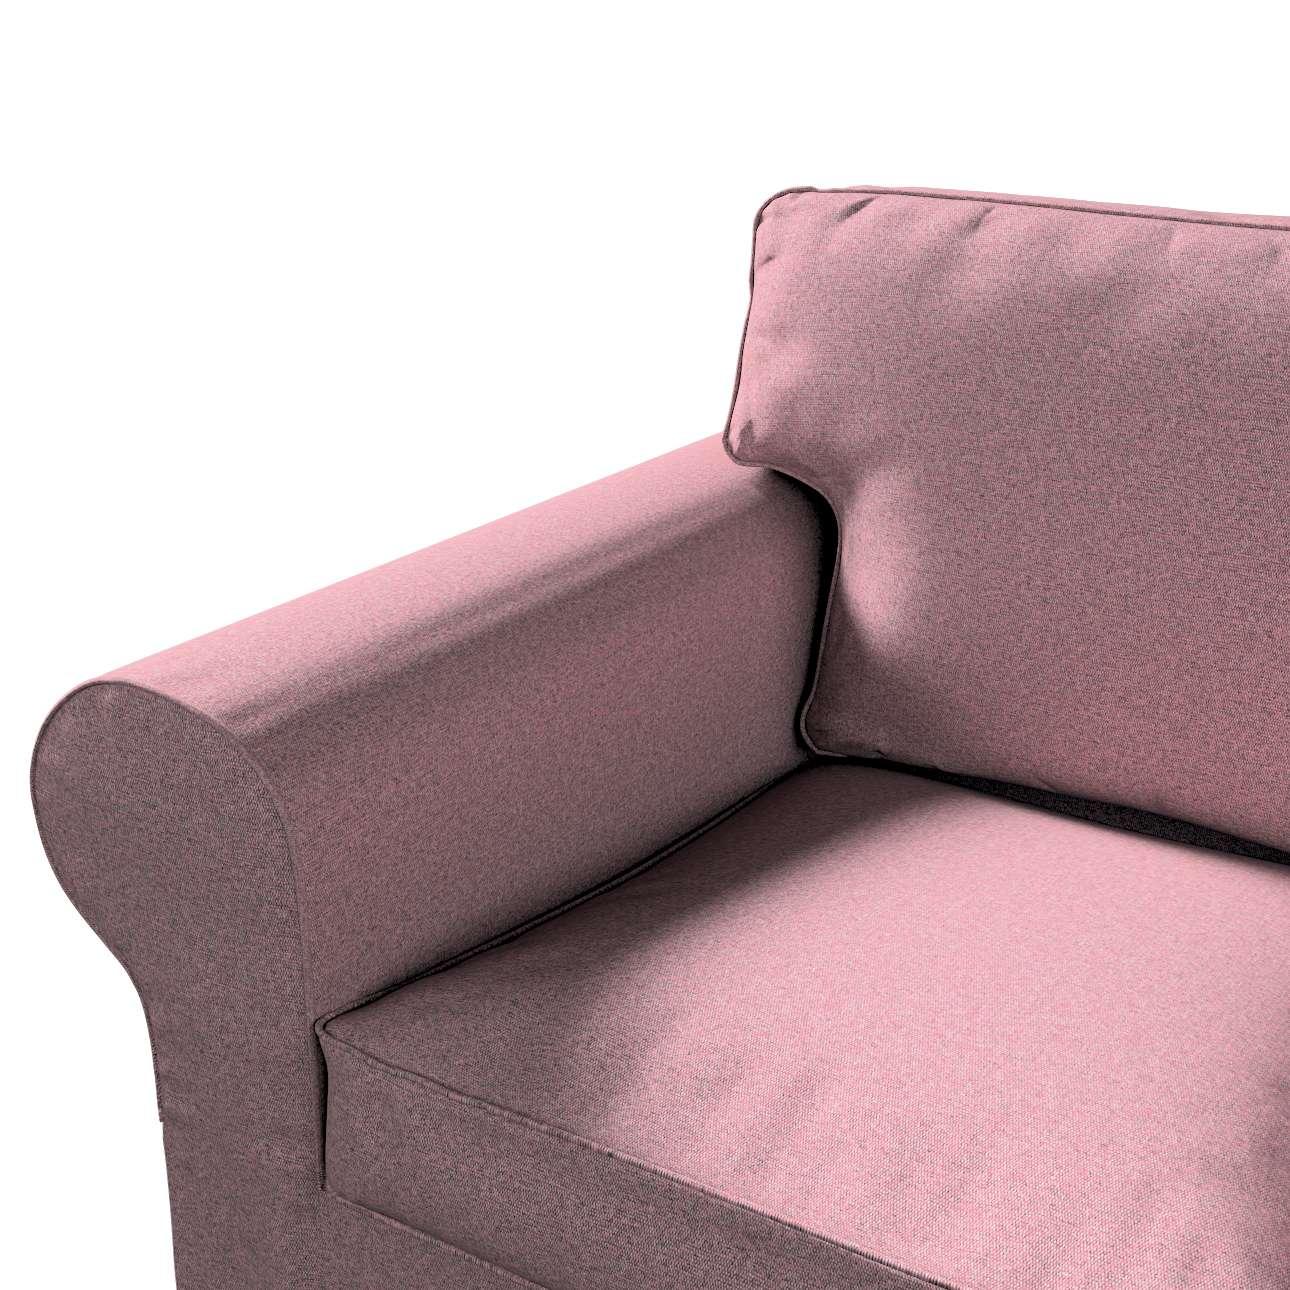 Poťah na sedačku Ektorp (rozkladacia, pre 2 osoby) NOVÝ MODEL 2012 V kolekcii Amsterdam, tkanina: 704-48